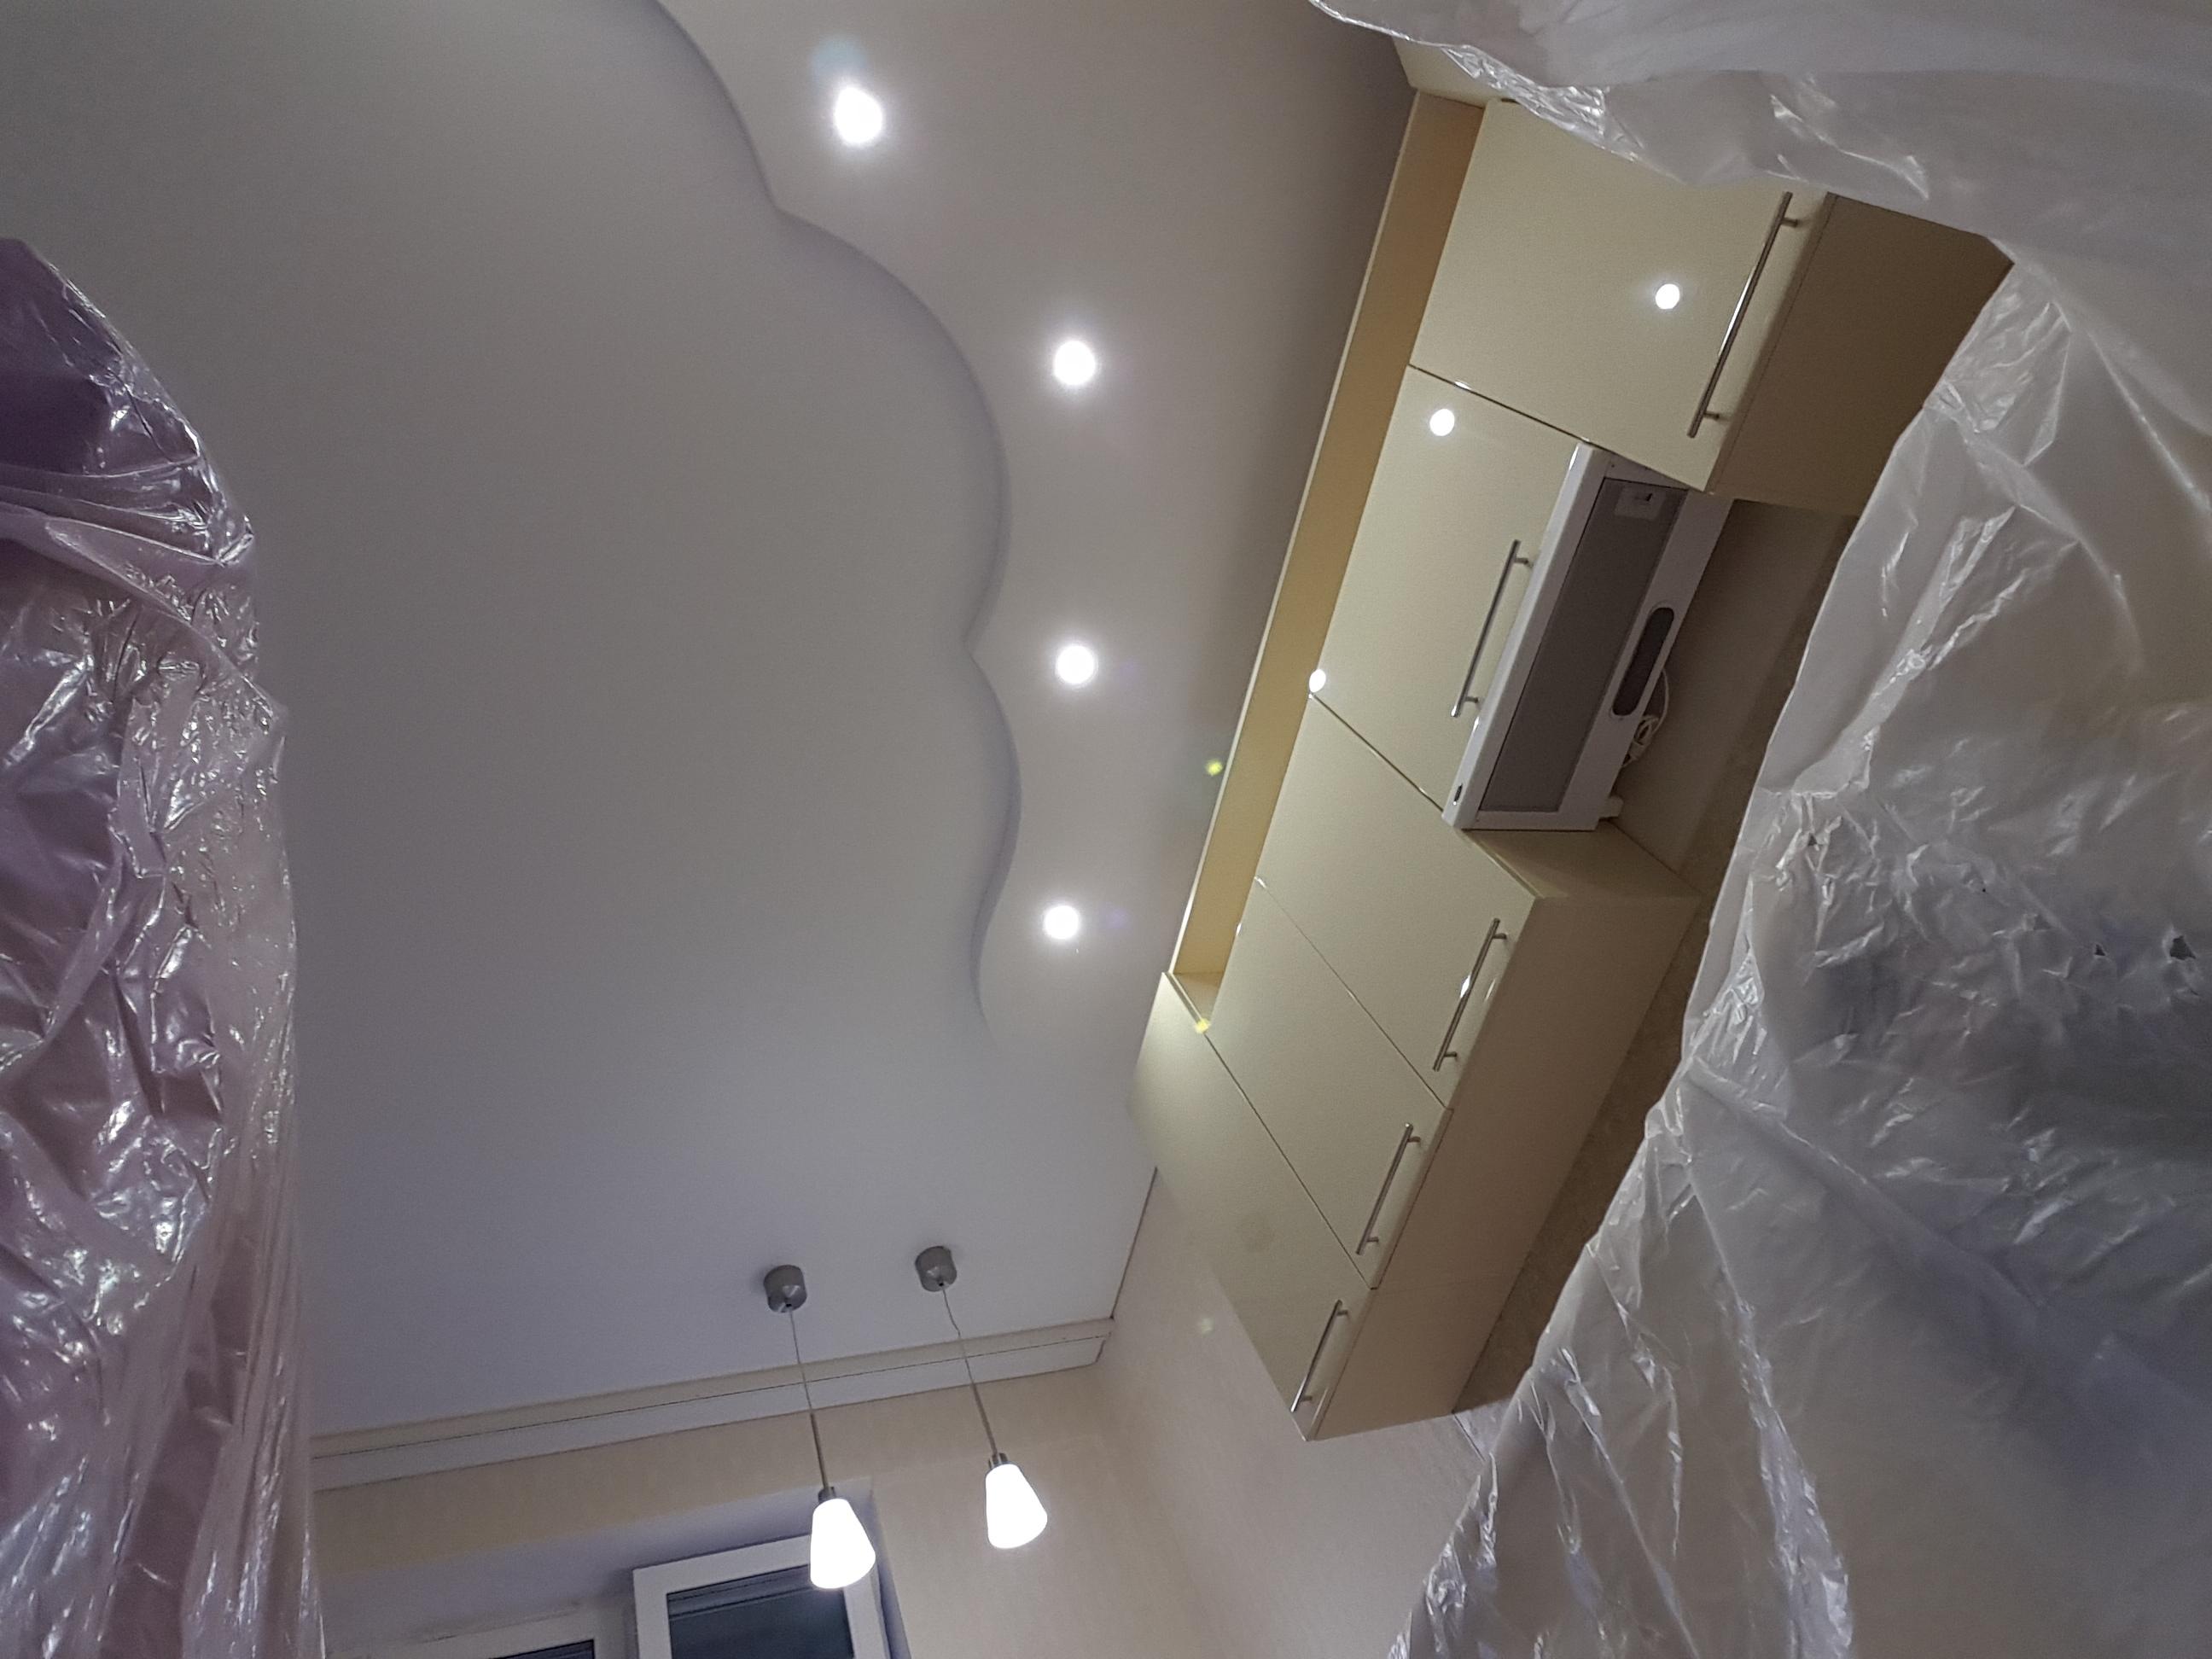 Белый классический потолок со встроенными светильниками мощностью 10 Вт